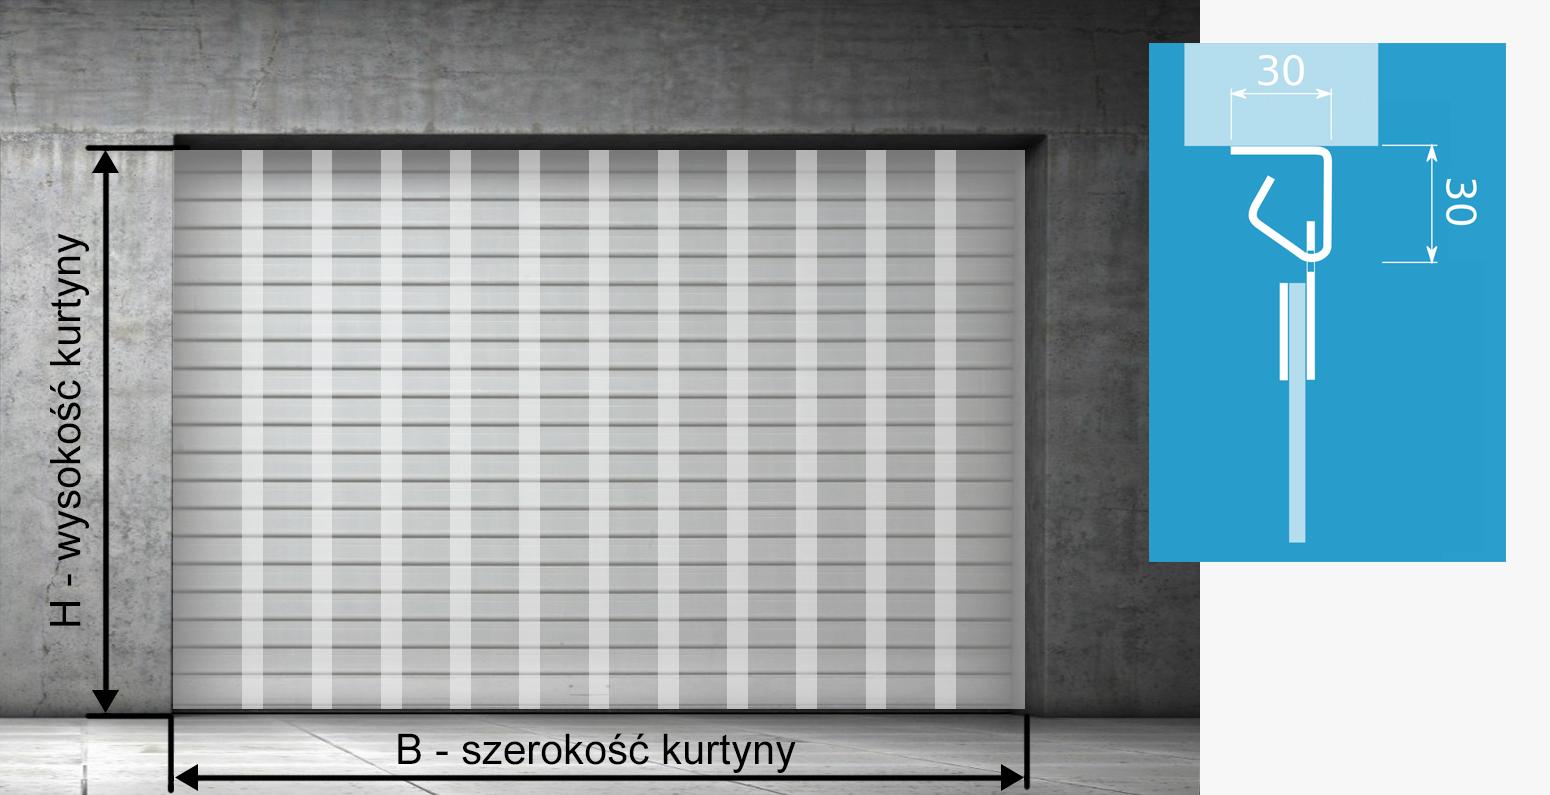 Na zdjęciu jest pokazana kurtyna paskowa zamontowana w świetle otworu